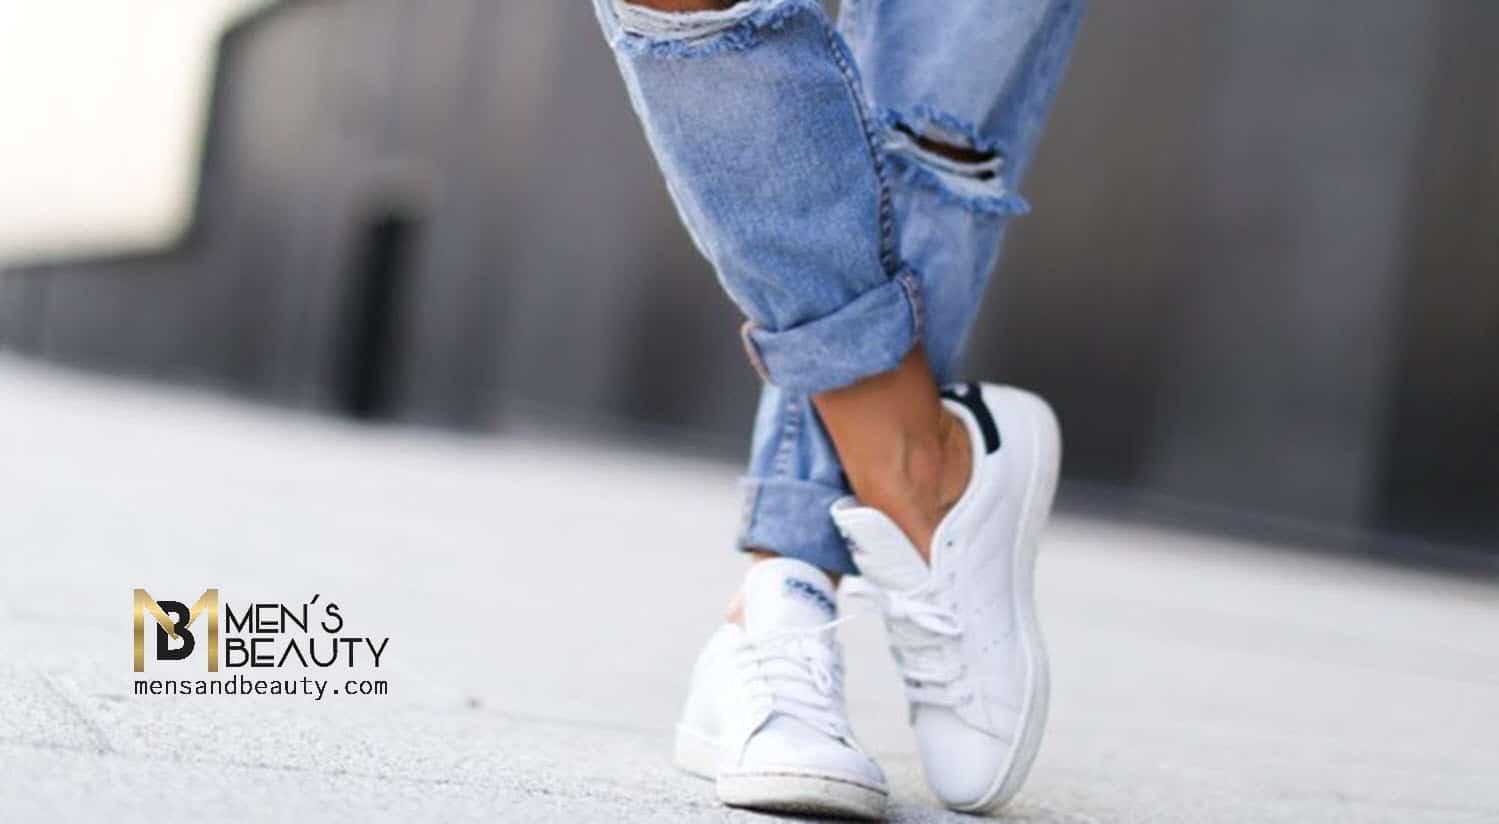 zapatos hombre debe tener zapatillas blancas